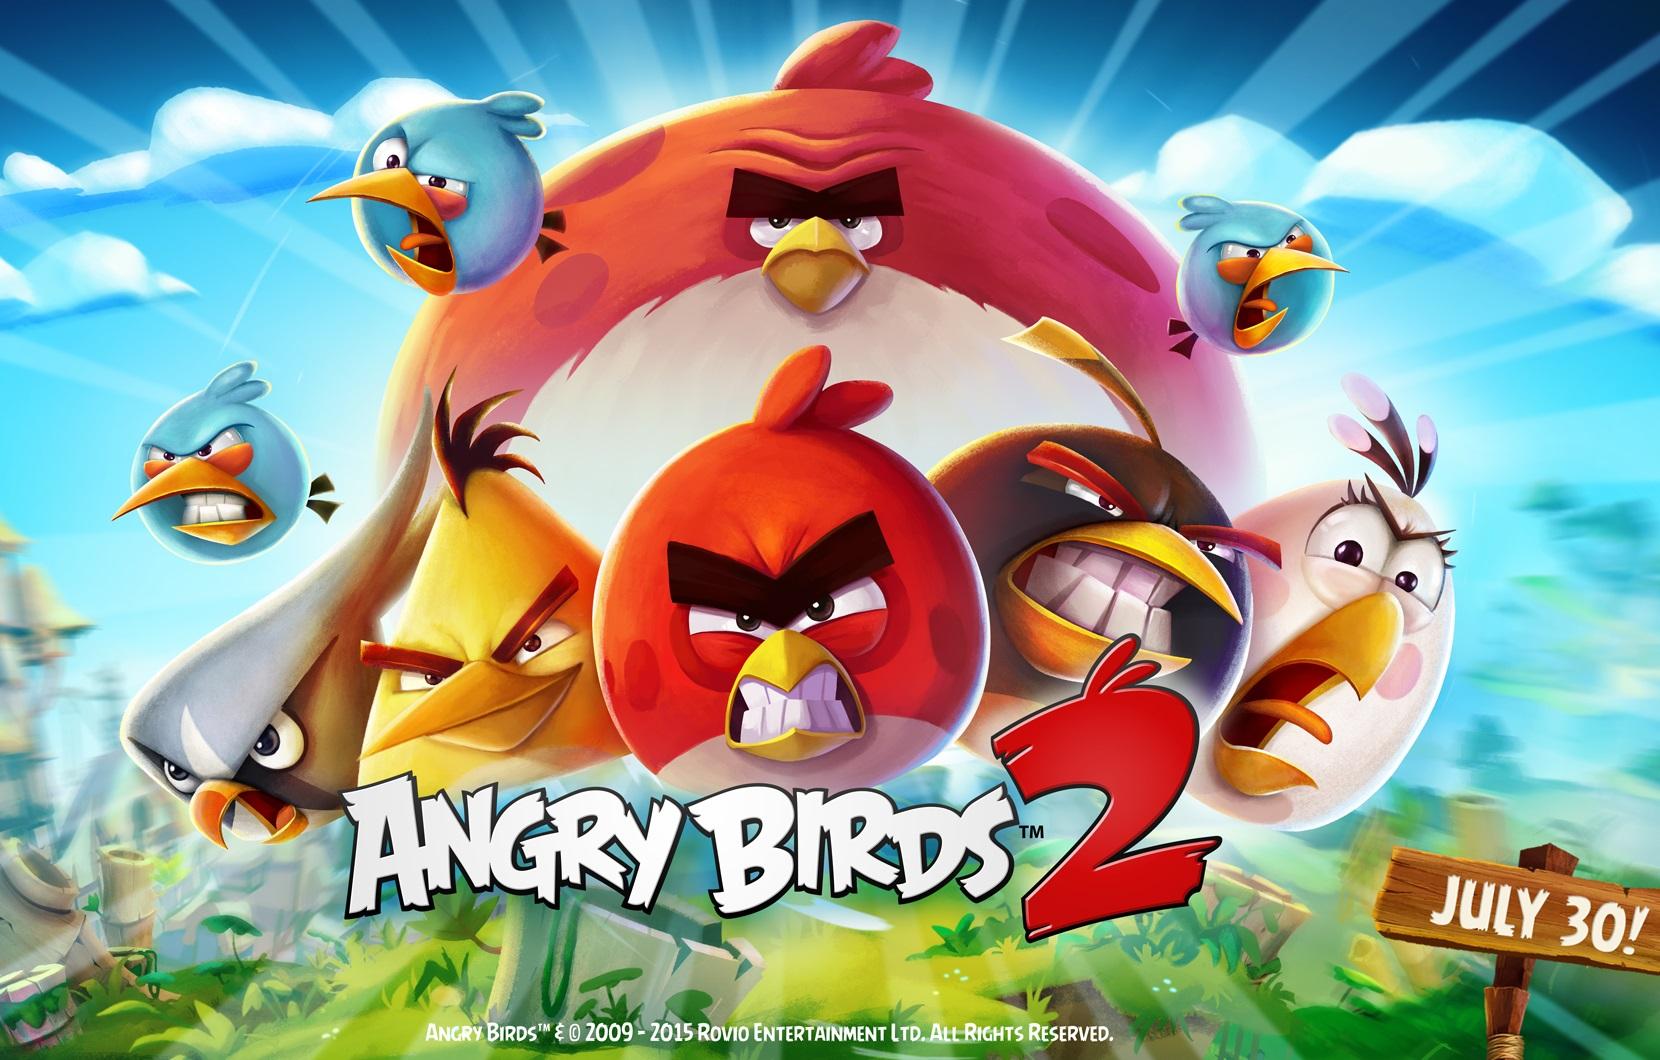 Angry Birds 2 débarquera sur nos tablettes le 30 juillet